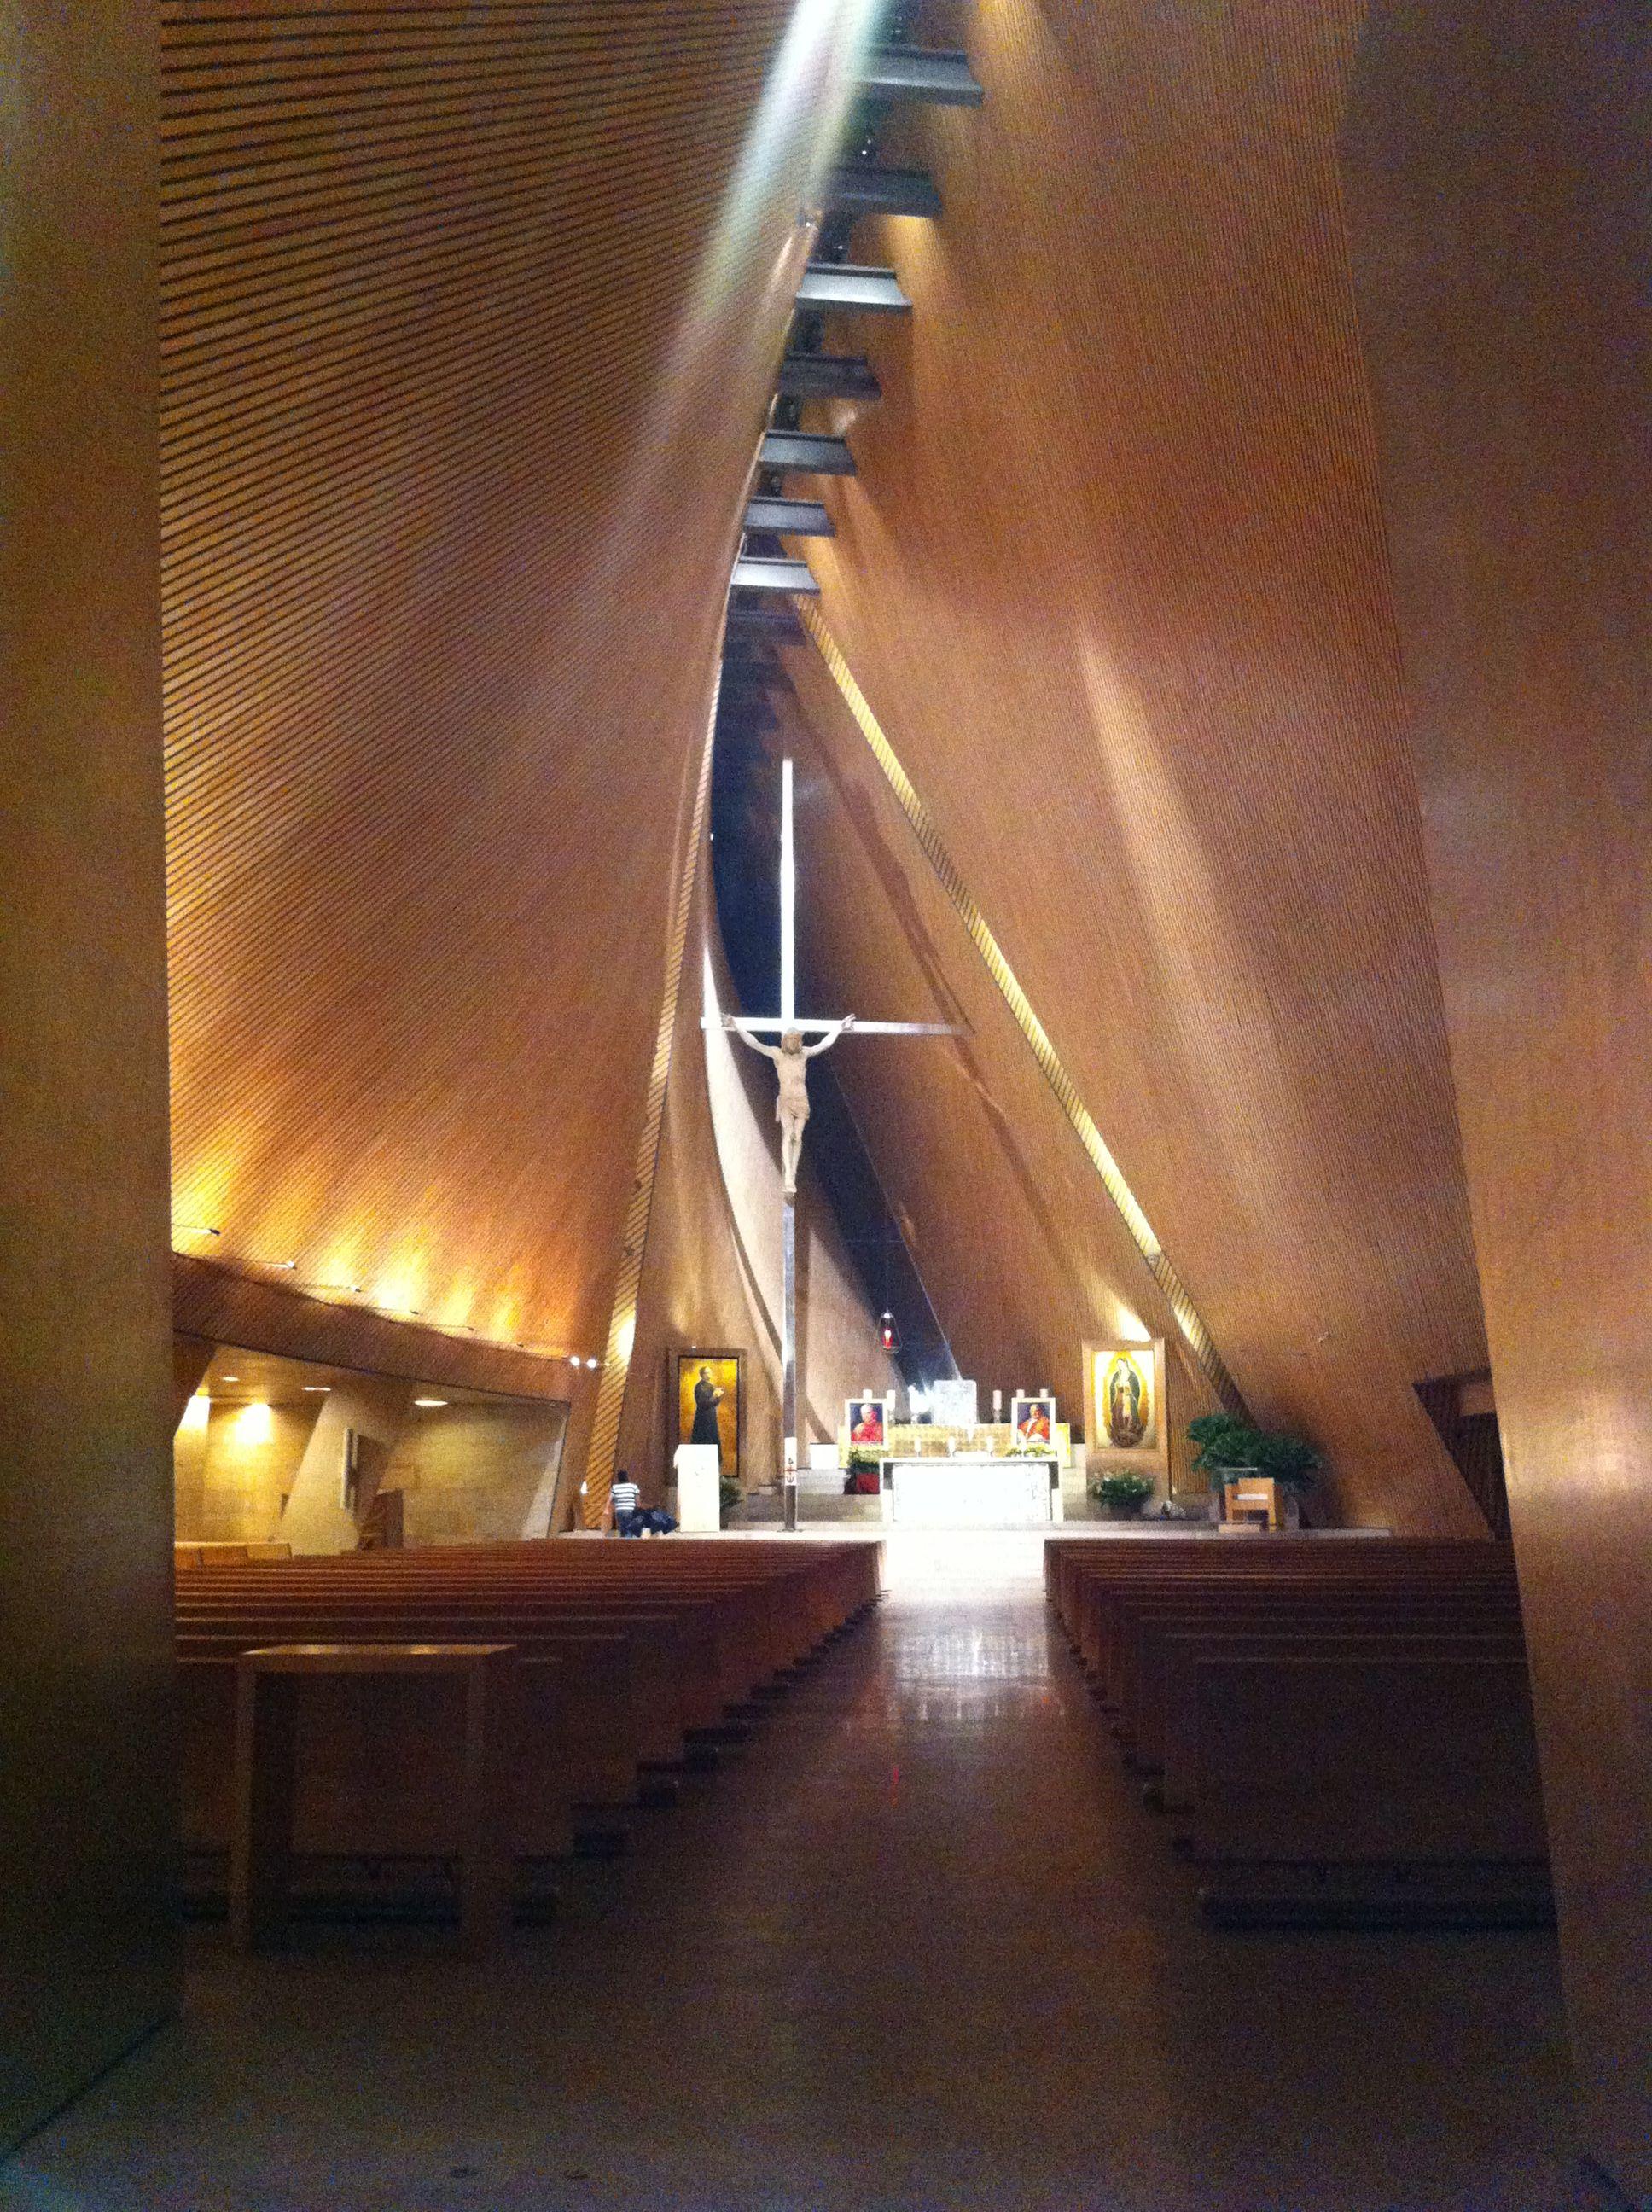 Iglesia San Jose Maria Escriv Saad acstica